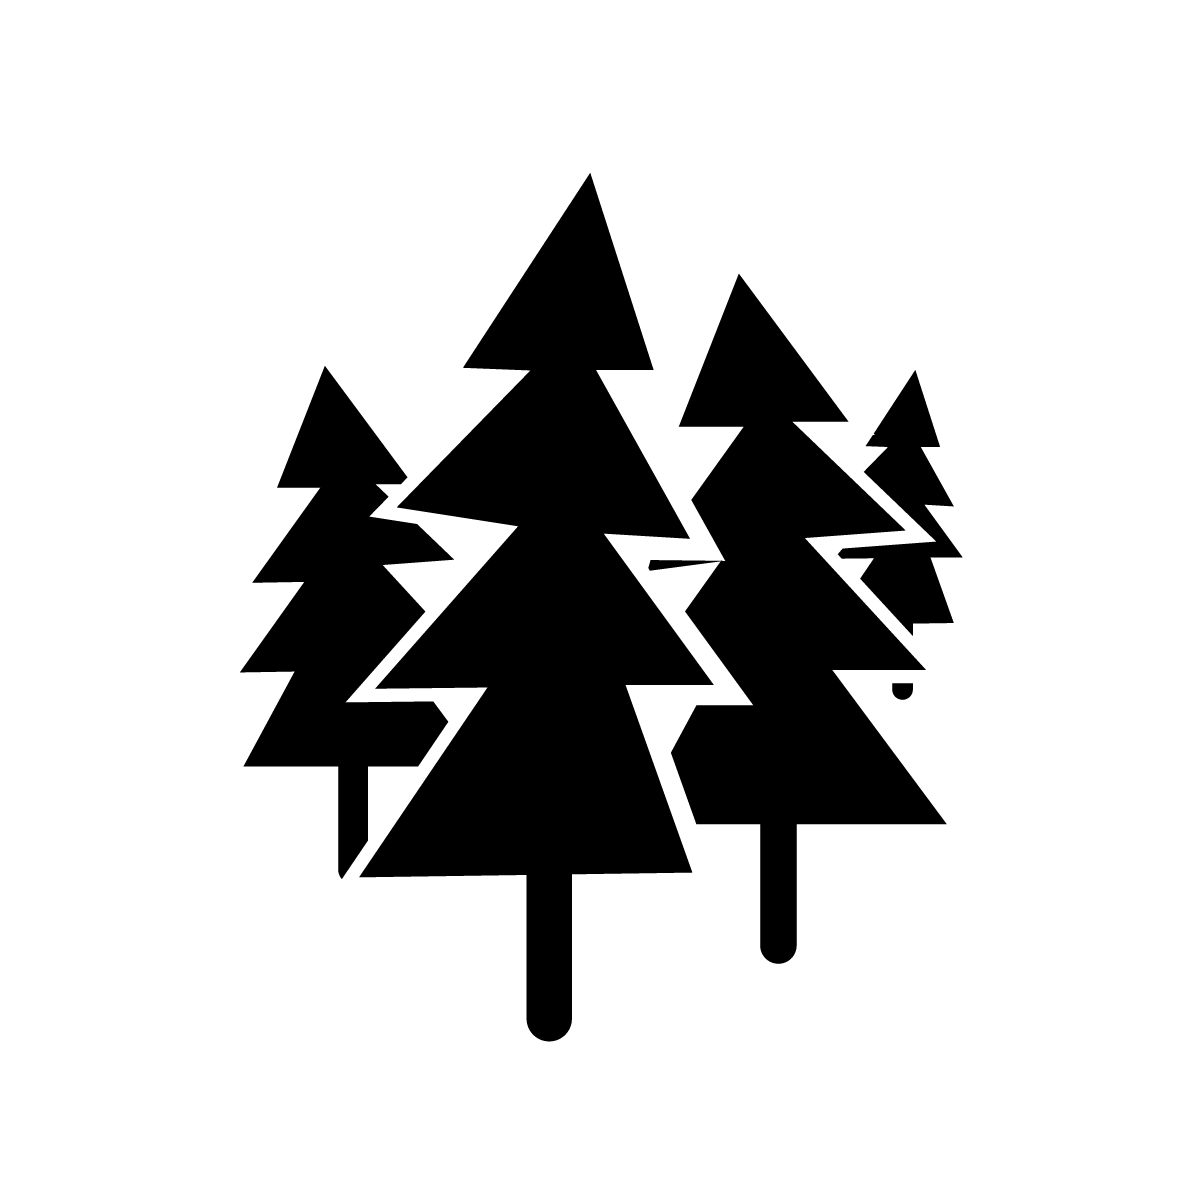 Copy of cc-logo_15.png